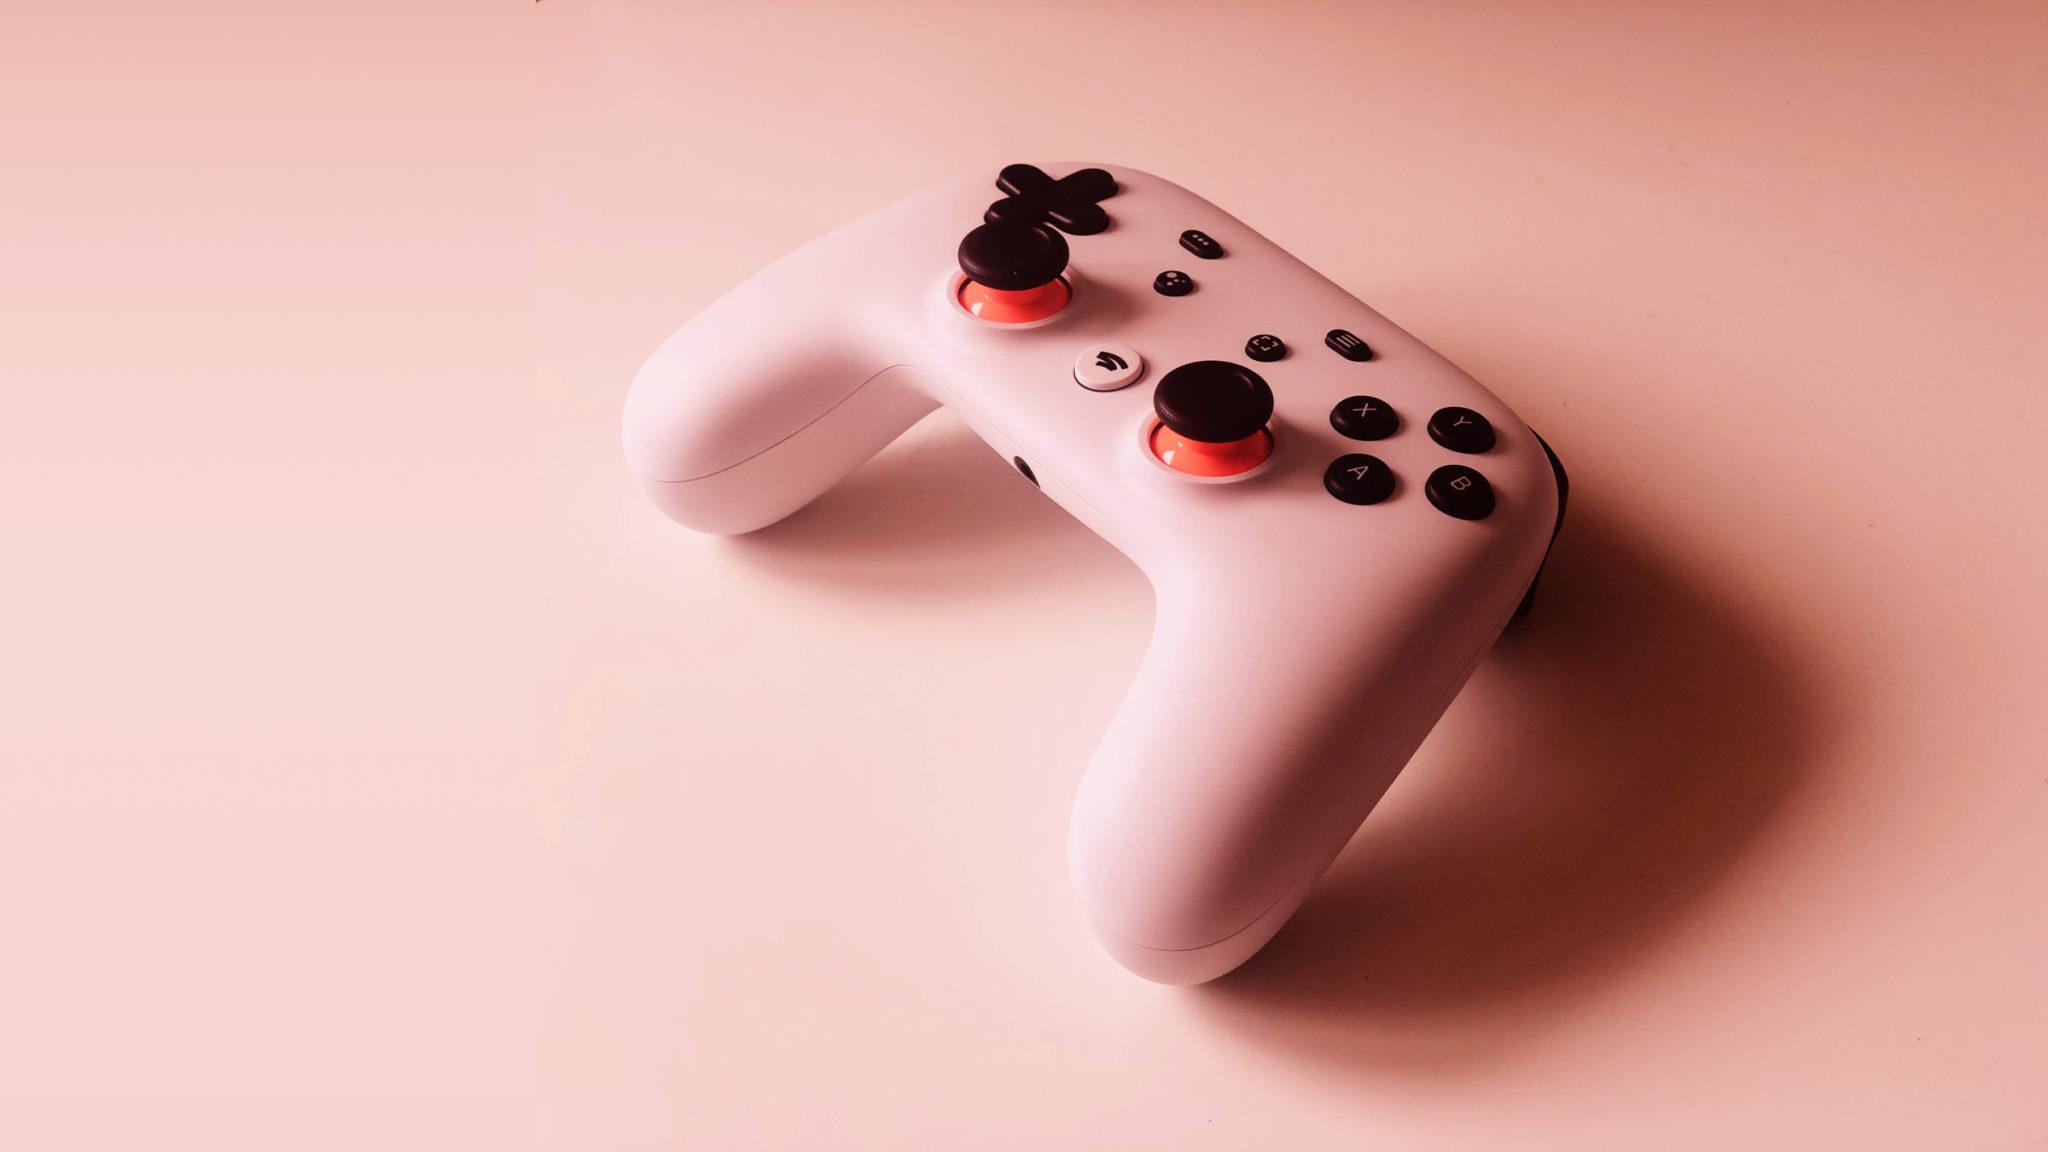 Gamestop-scaled.jpg